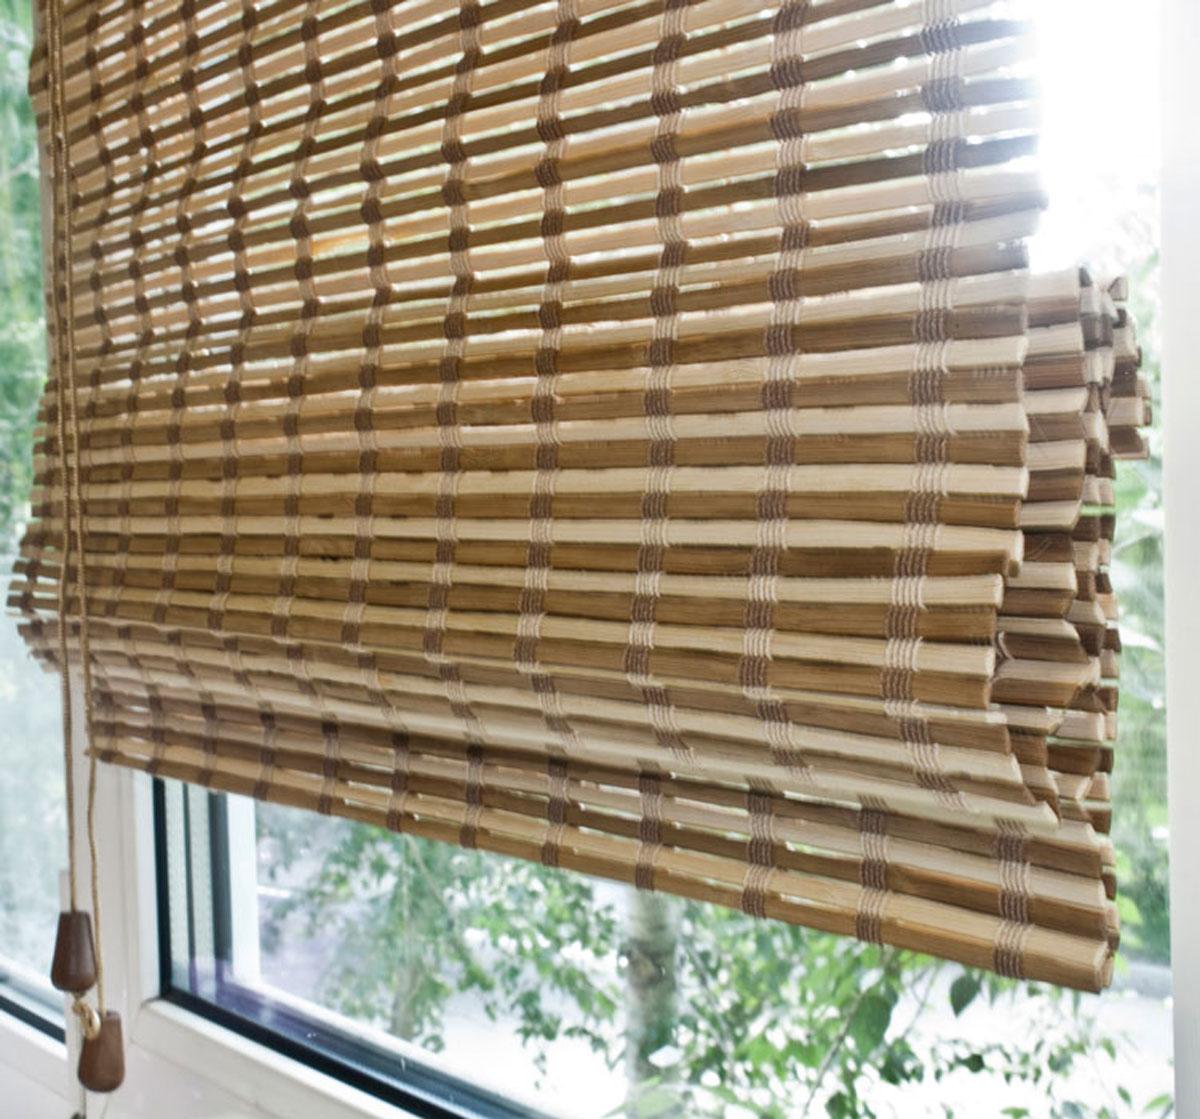 Римская штора Эскар Бамбук, цвет: микс, ширина 160 см, высота 160 см72959160160Римская штора Эскар, выполненная из натурального бамбука, является оригинальным современным аксессуаром для создания необычного интерьера в восточном или минималистичном стиле.Римская бамбуковая штора, как и тканевая римская штора, при поднятии образует крупные складки, которые прекрасно декорируют окно. Особенность устройства полотна позволяет свободно пропускать дневной свет, что обеспечивает мягкое освещение комнаты. Римская штора из натурального влагоустойчивого материала легко вписывается в любой интерьер, хорошо сочетается с различной мебелью и элементами отделки. Использование бамбукового полотна придает помещению необычный вид и визуально расширяет пространство. Бамбуковые шторы требуют только сухого ухода: пылесосом, щеткой, веником или влажной (но не мокрой!) губкой. Комплект для монтажа прилагается.